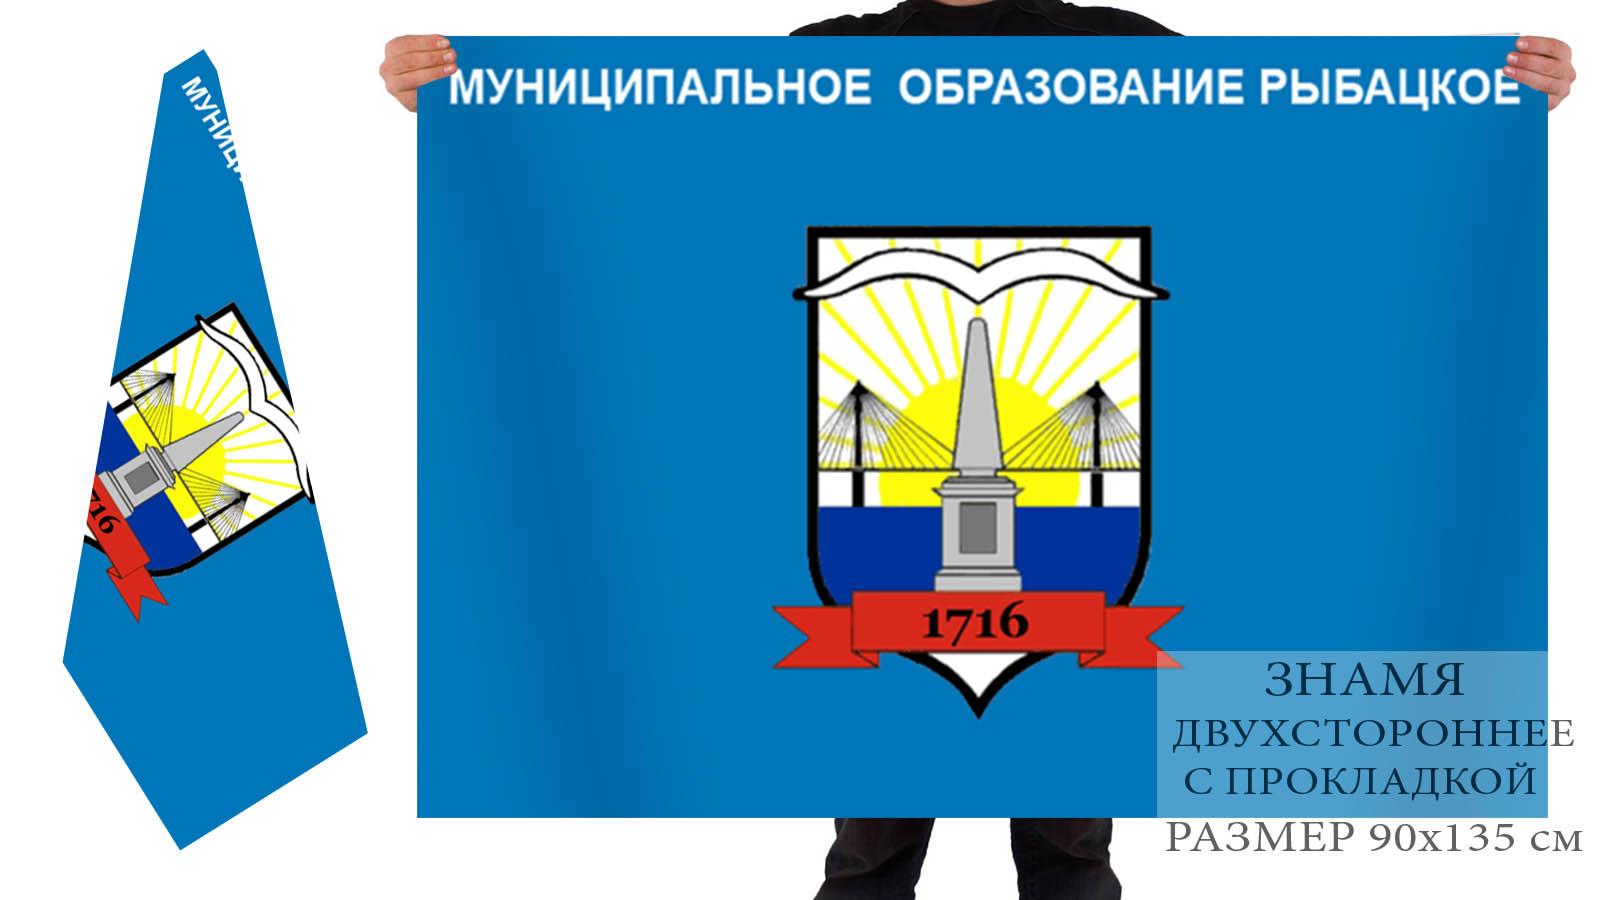 Двусторонний муниципального образования муниципальный округ Рыбацкое